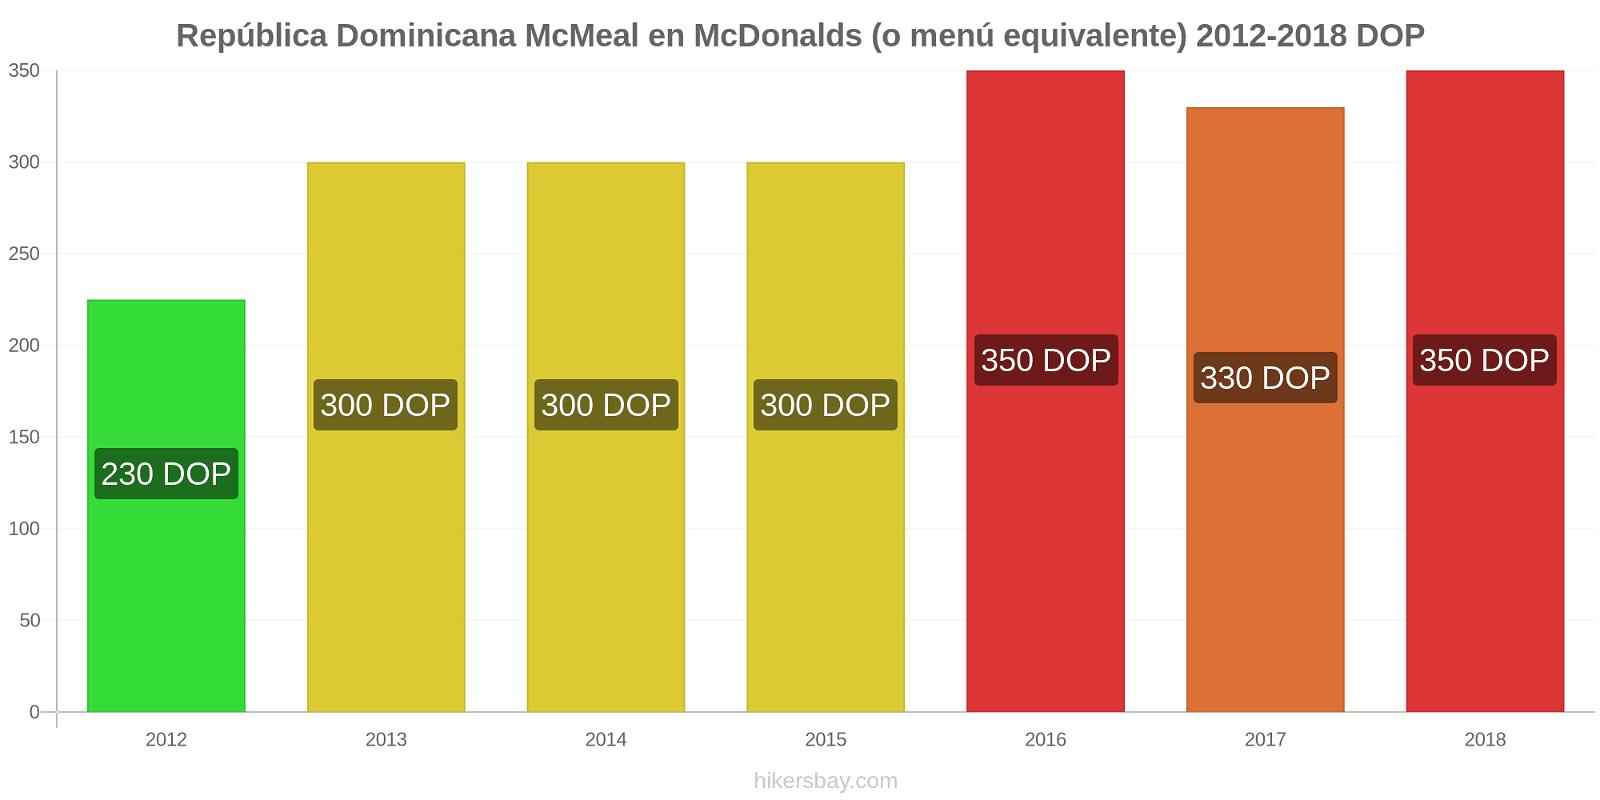 República Dominicana cambios de precios McMeal en McDonalds (o menú equivalente) hikersbay.com